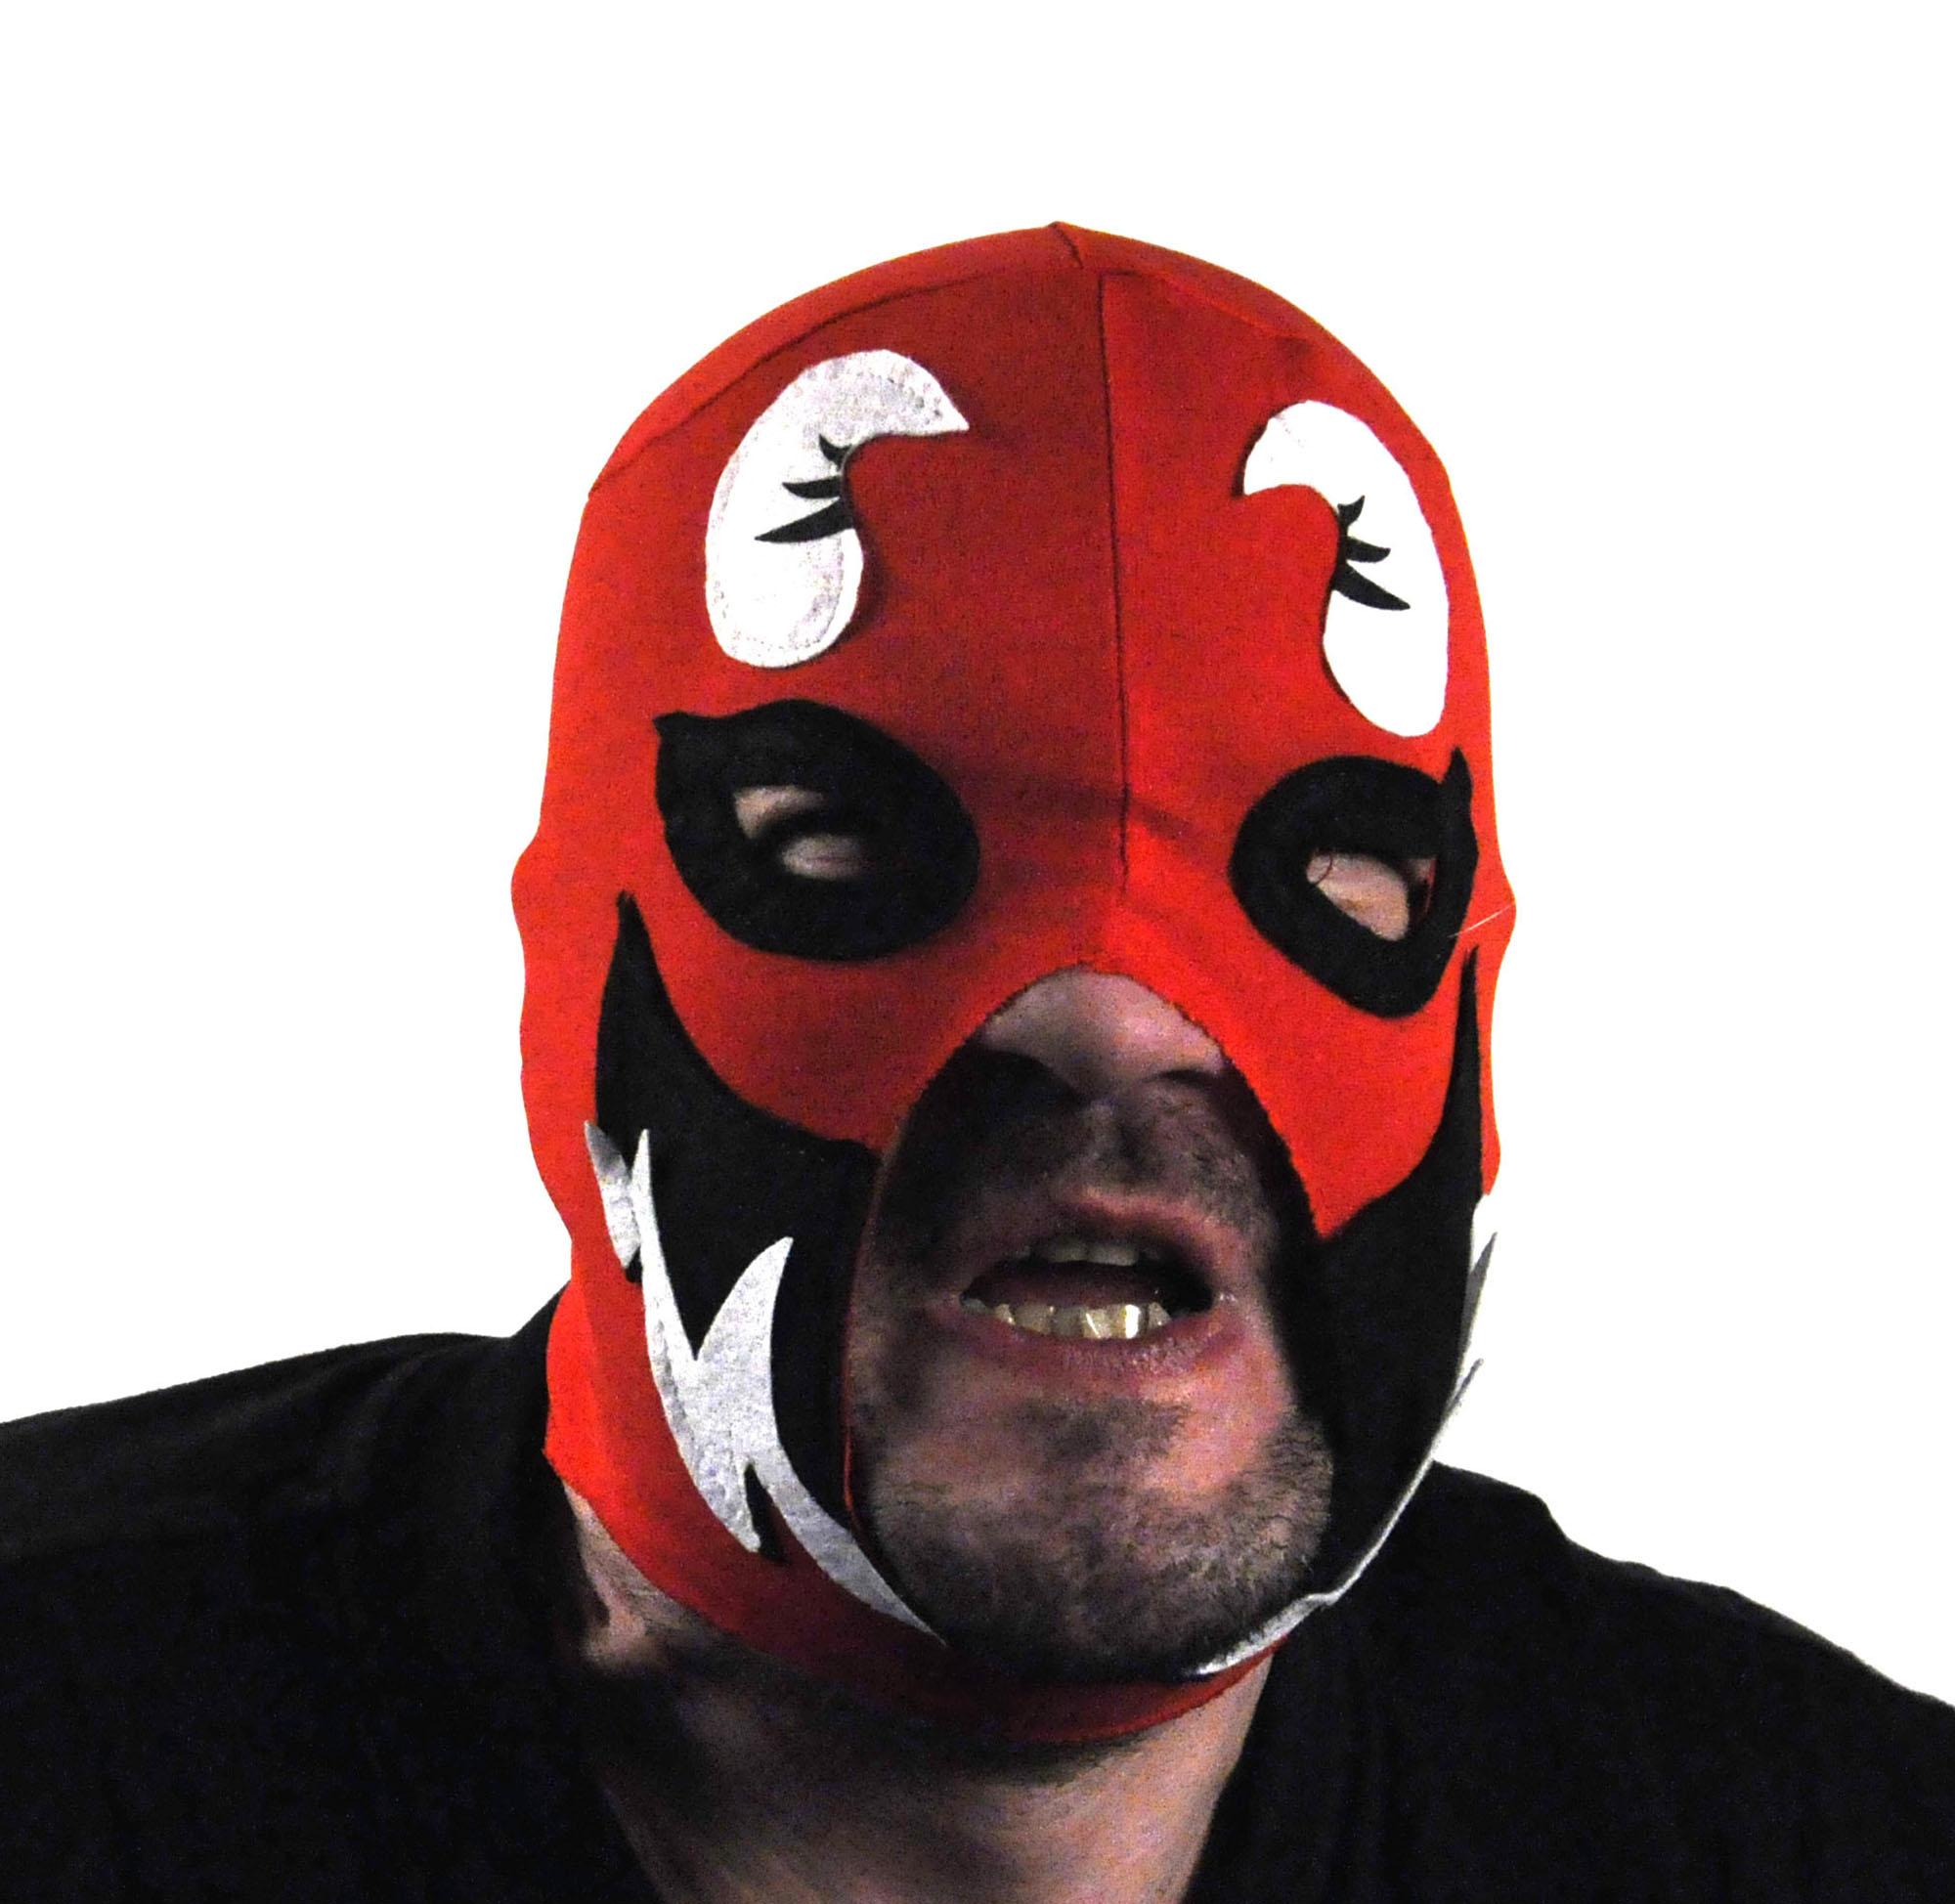 Máscara de Lucha Libre mexicana Wrestler - JOKES290-lucha-libre-wrestling-mask%2520(5)